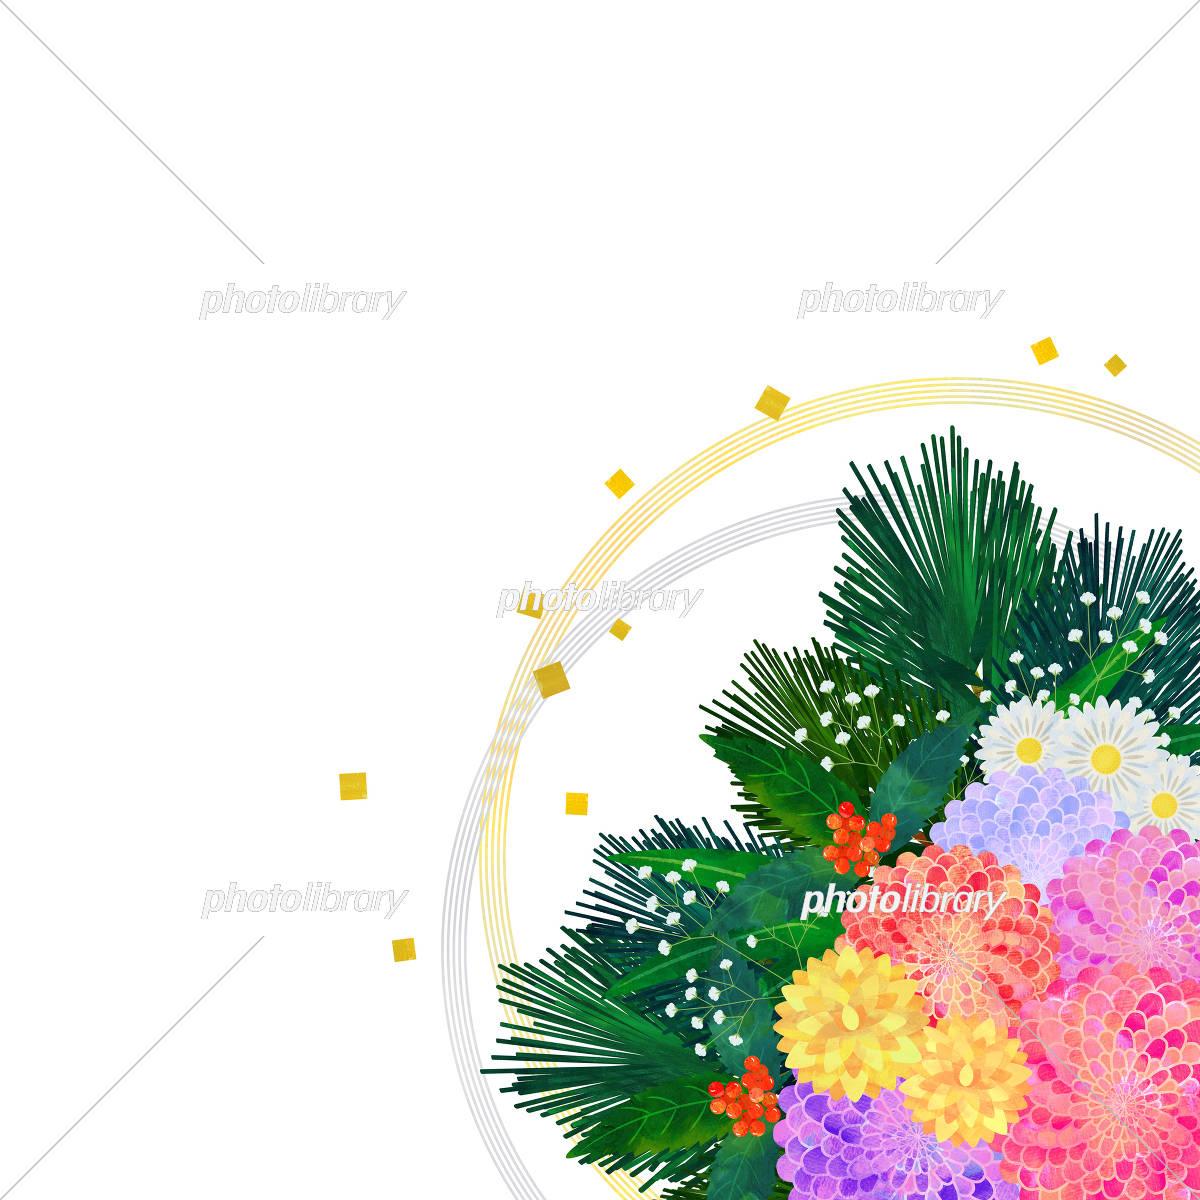 正月飾り 花 イラスト素材 5810820 フォトライブラリー Photolibrary